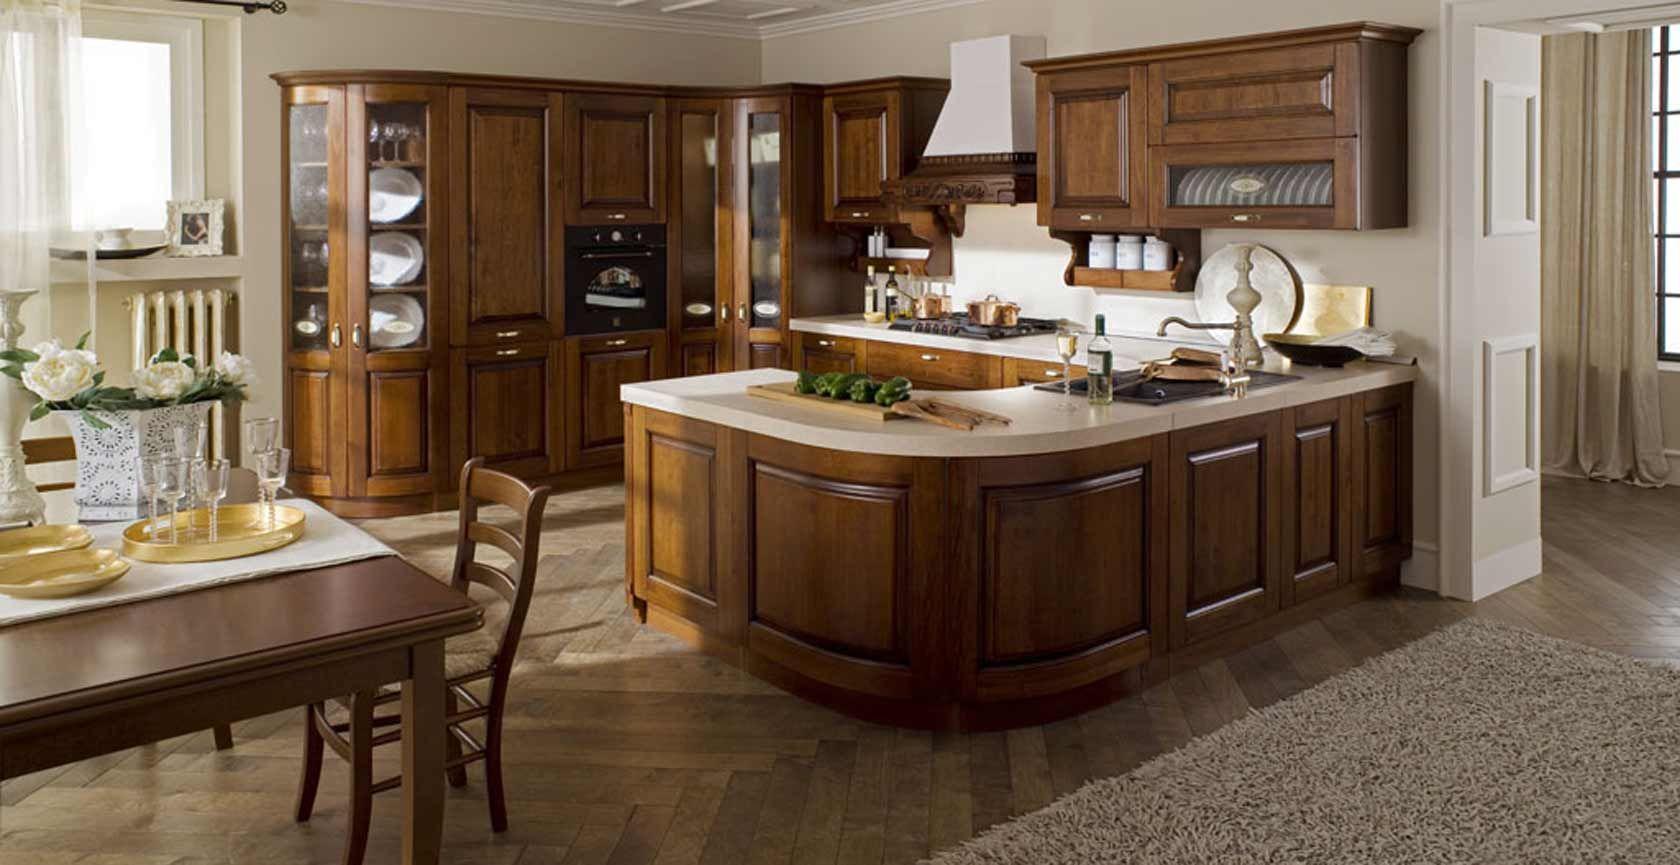 Cocina rústica - Rustic kitchen 3 | Decoración rústica - Rustic ...